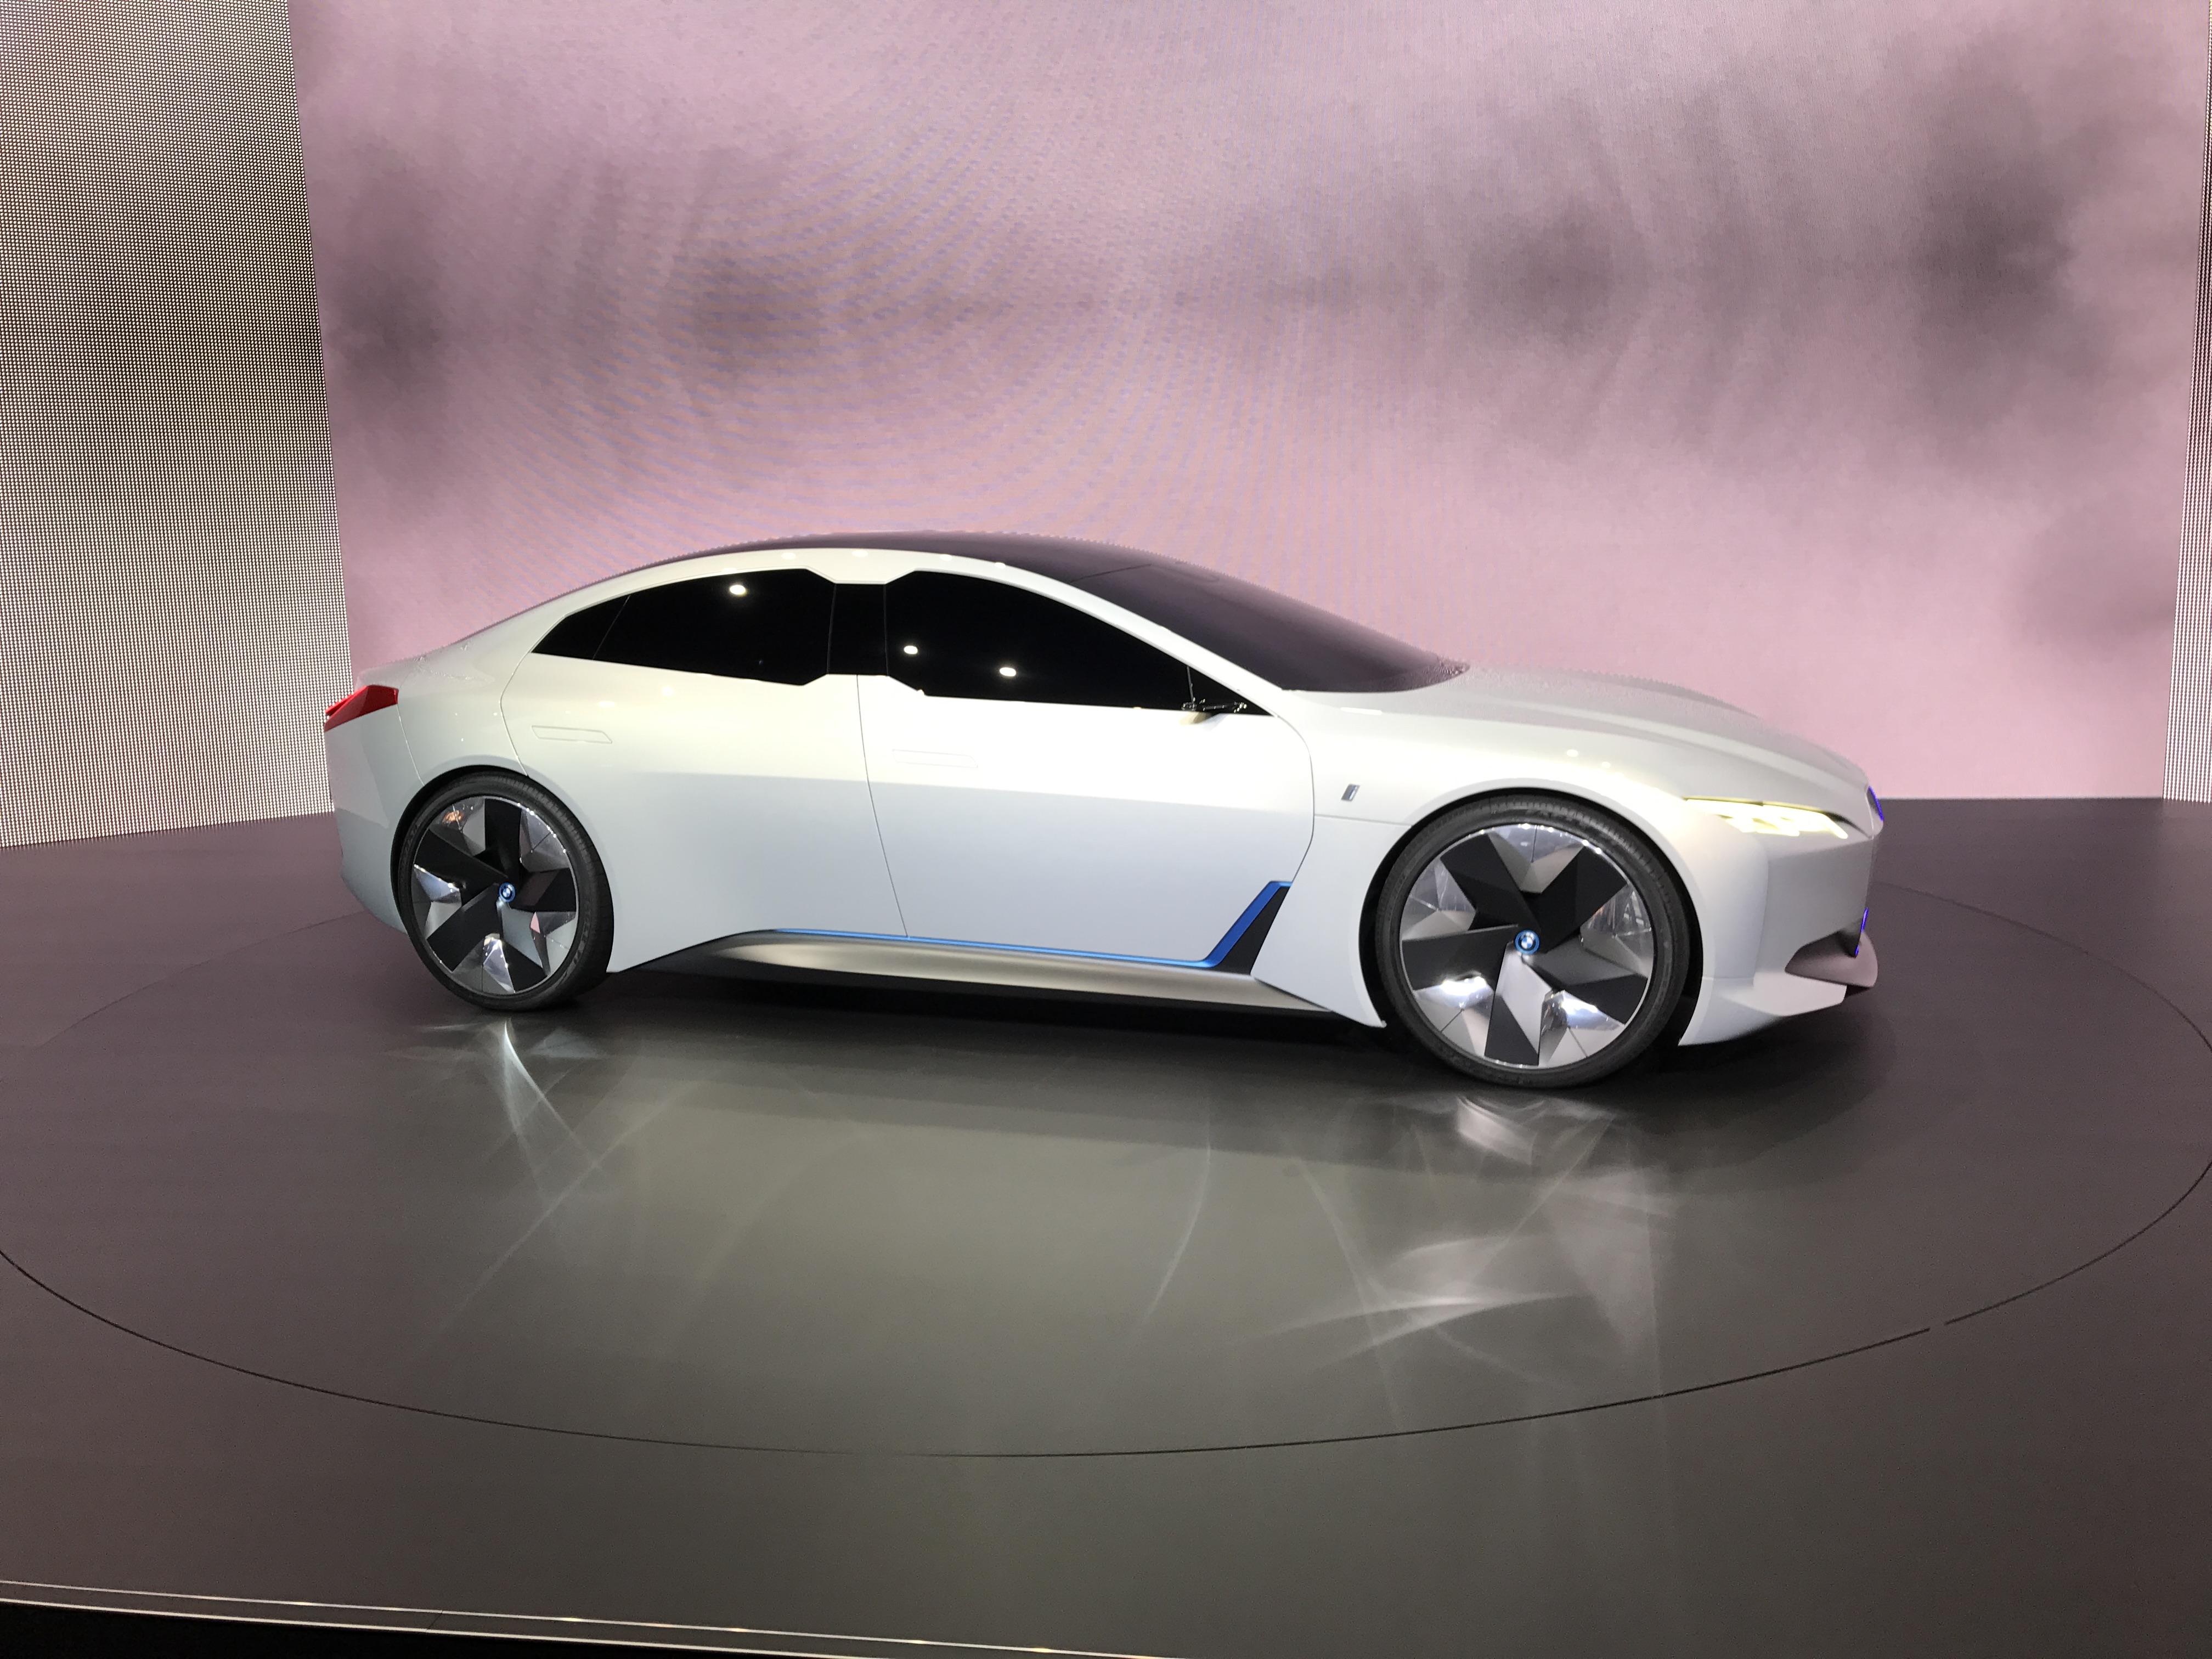 BMW steigert Investition in E-Mobilität auf 7 Mrd. Euro